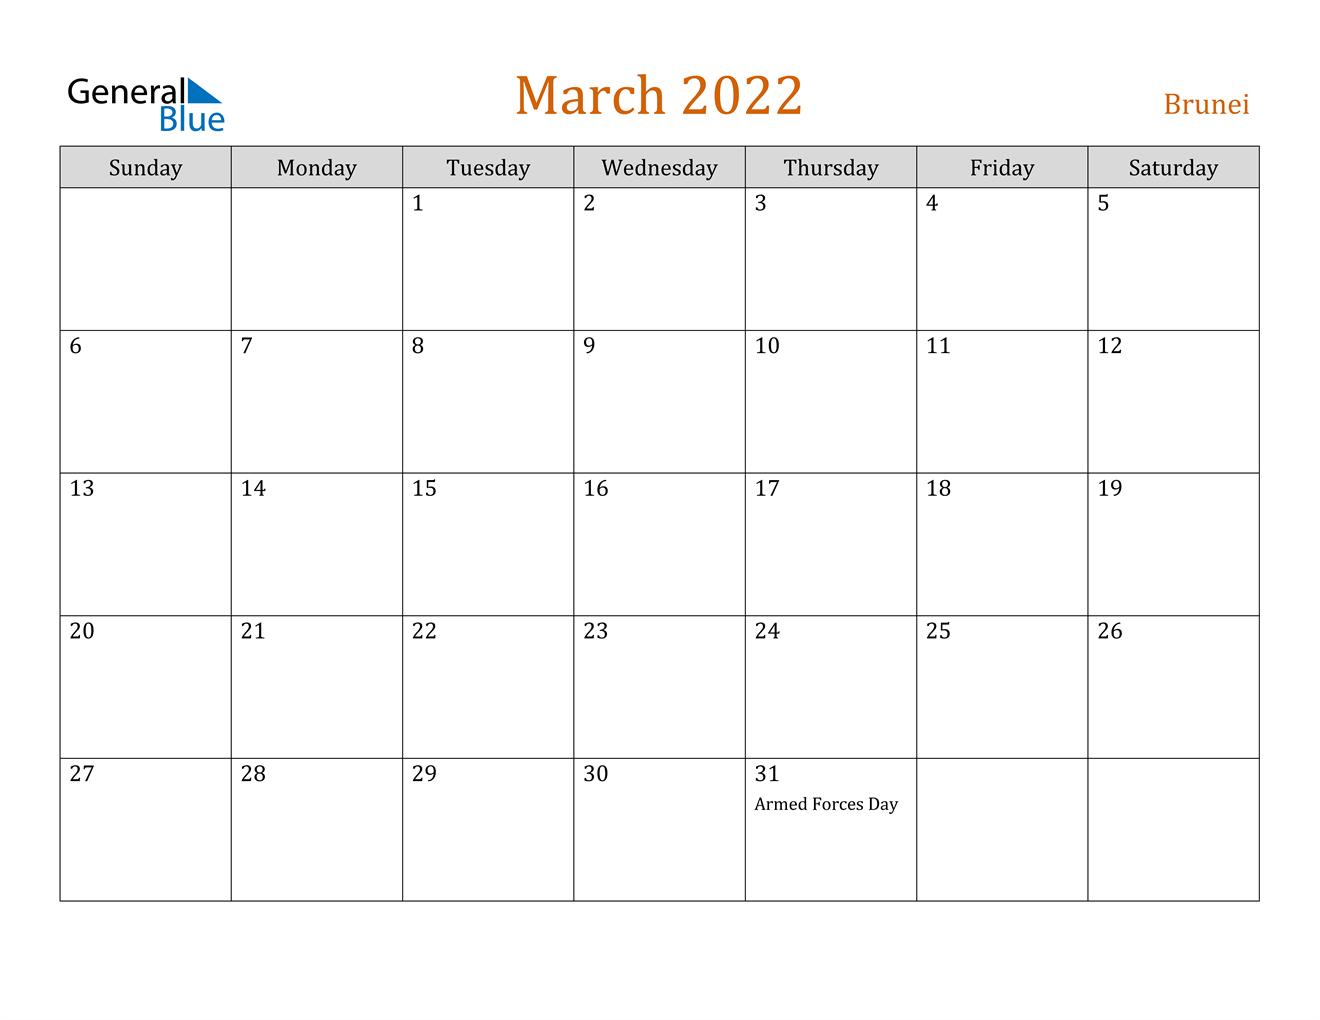 March 2022 Calendar - Brunei Regarding Calendar Of March 2022